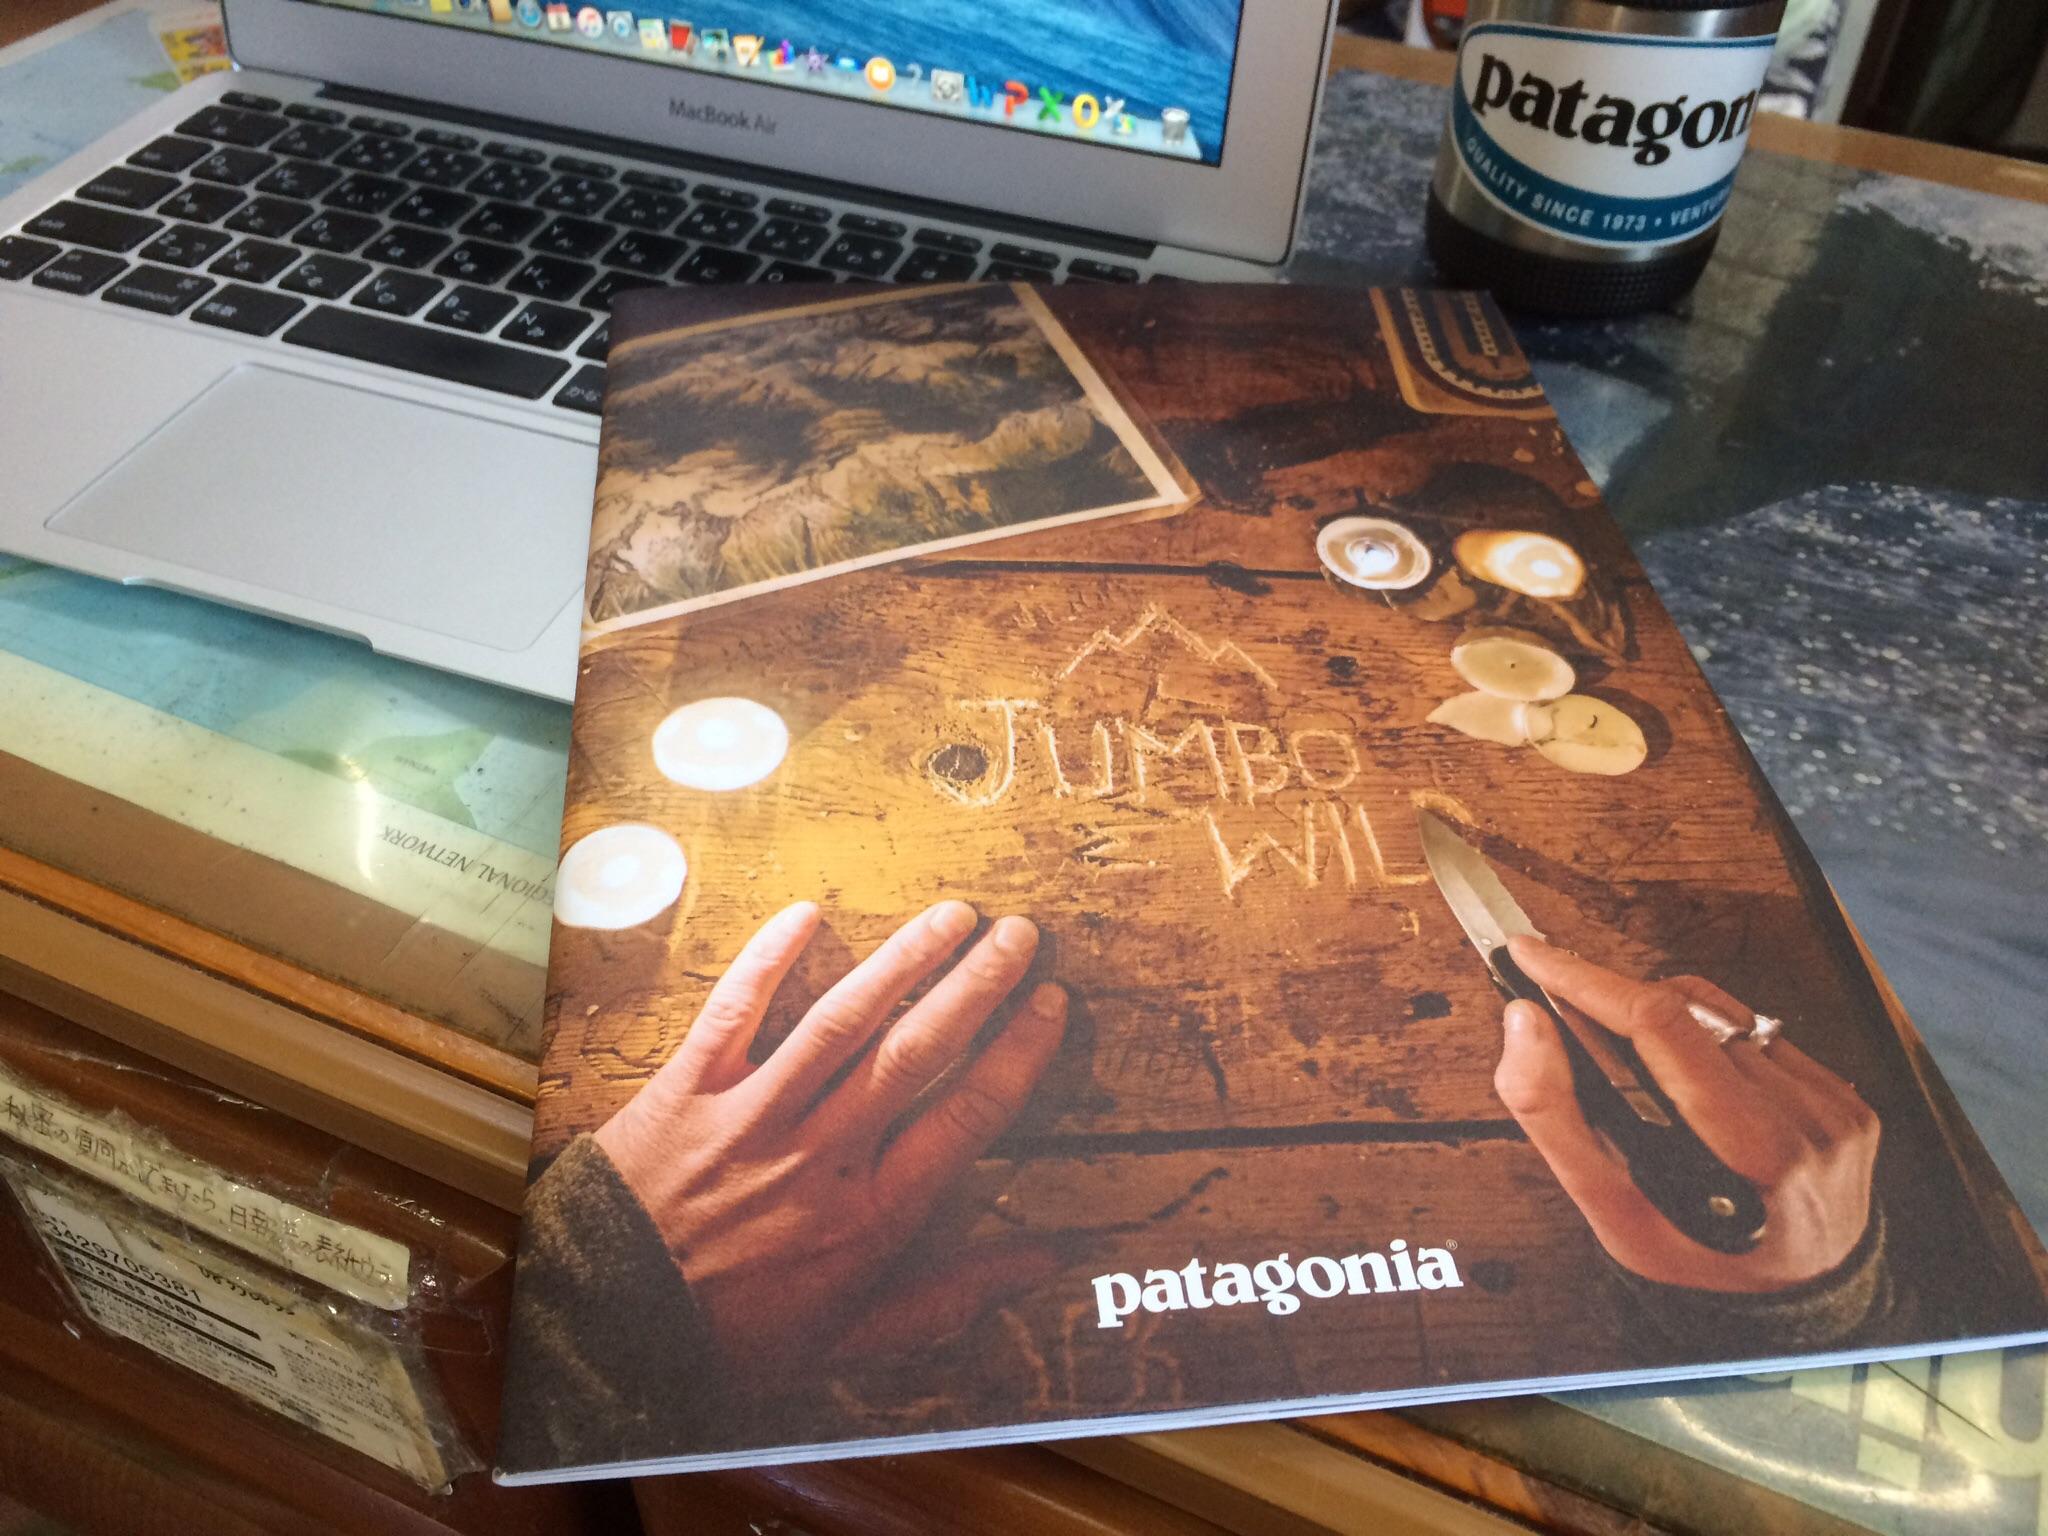 パタゴニア、秋のカタログが届きました!写真が素晴らしい!